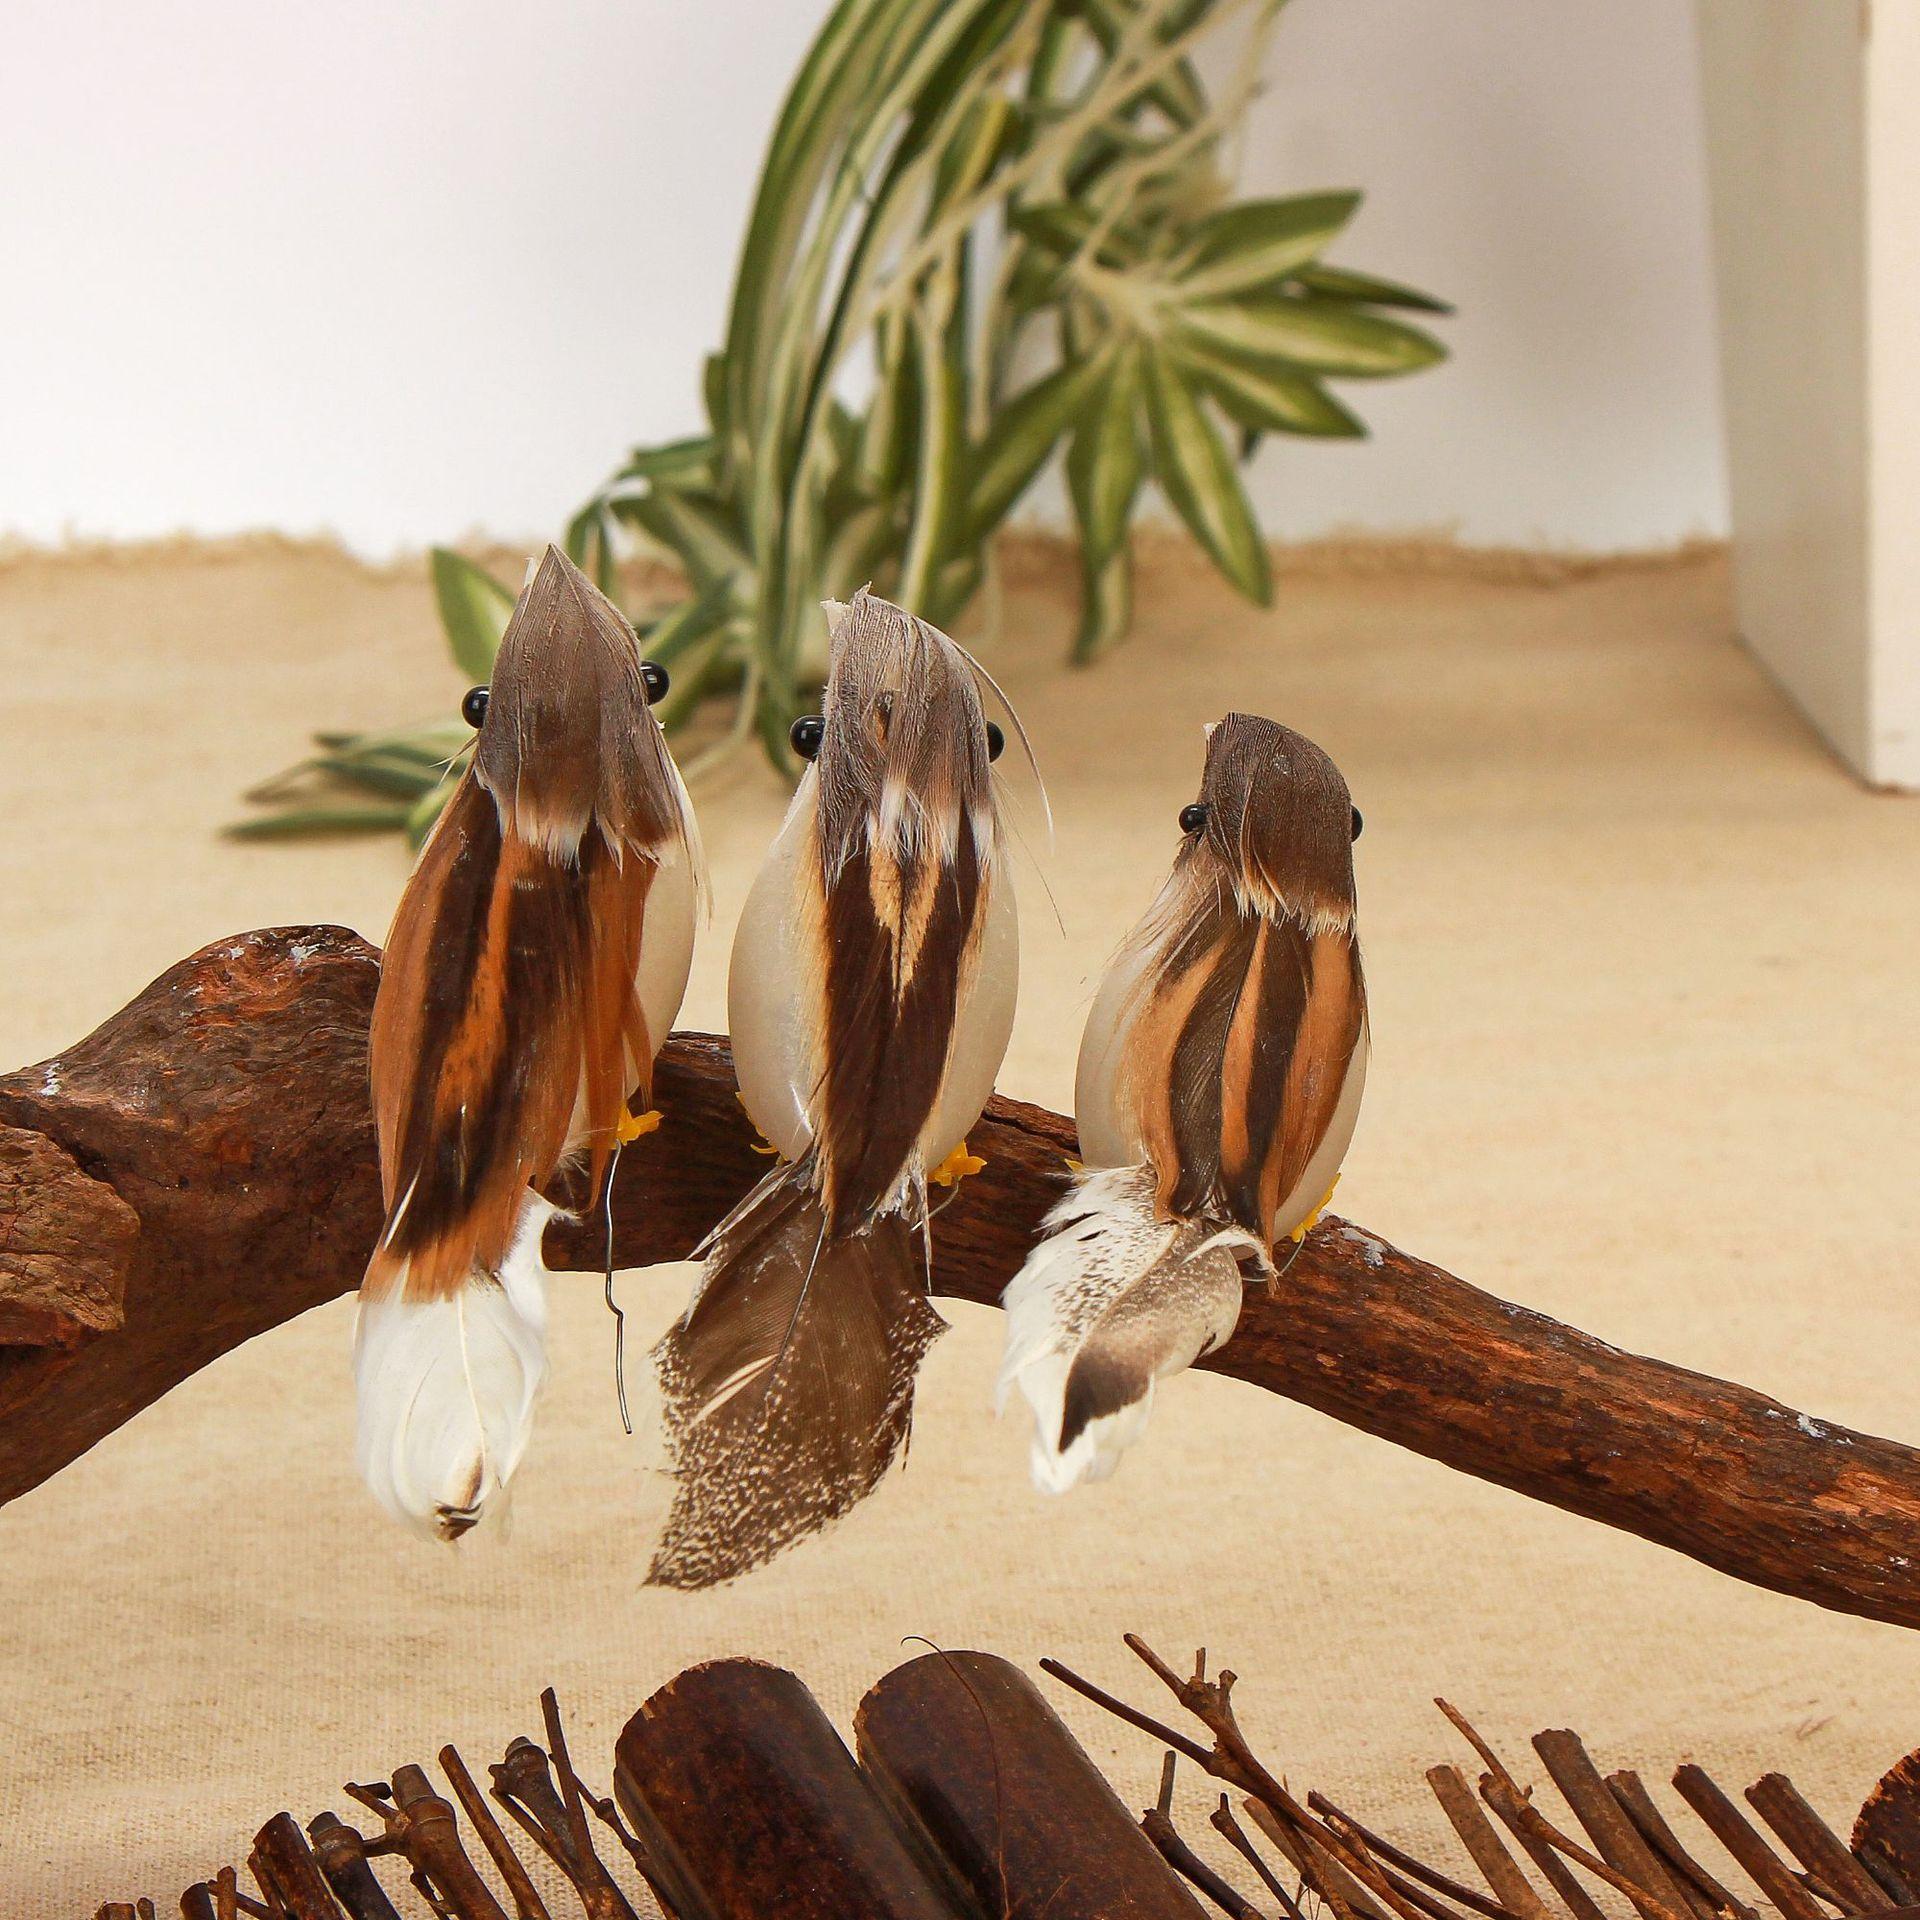 现货批发创意仿真羽毛小鸟仿真鸟工艺品复活节产品跨境货源